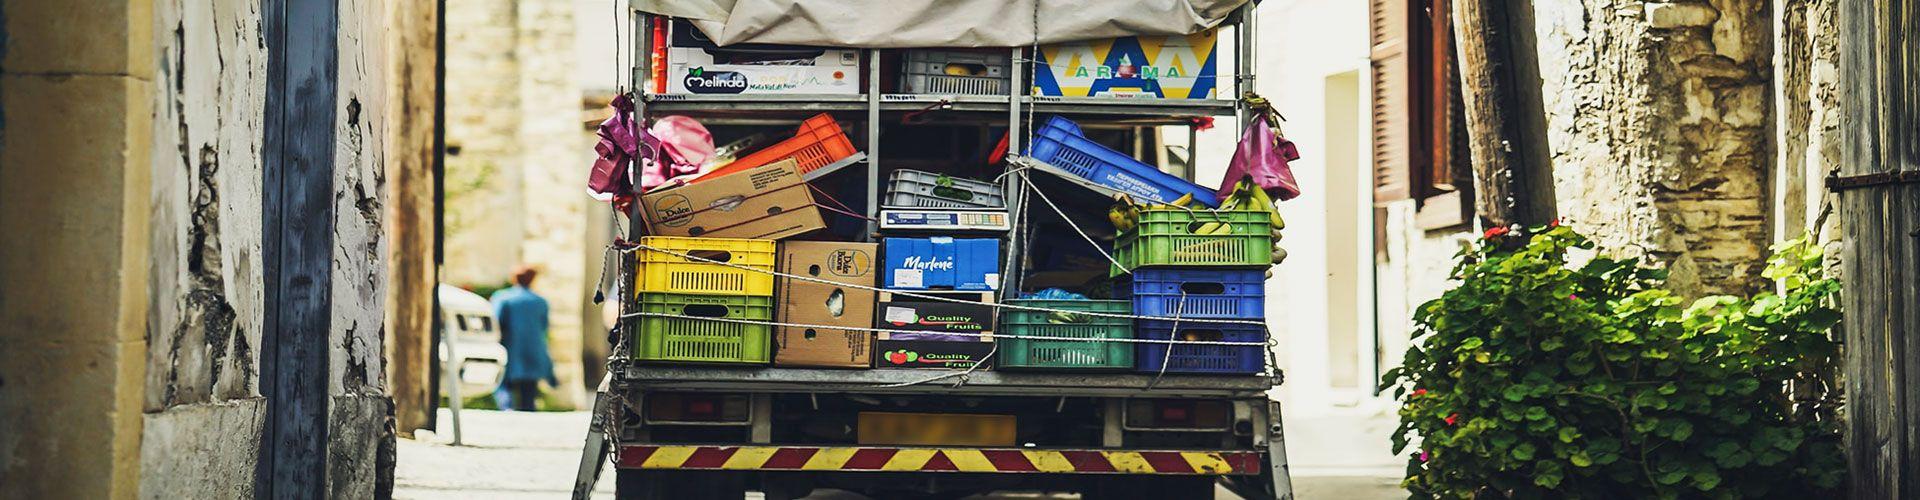 Camioncino distribuzione prodotti